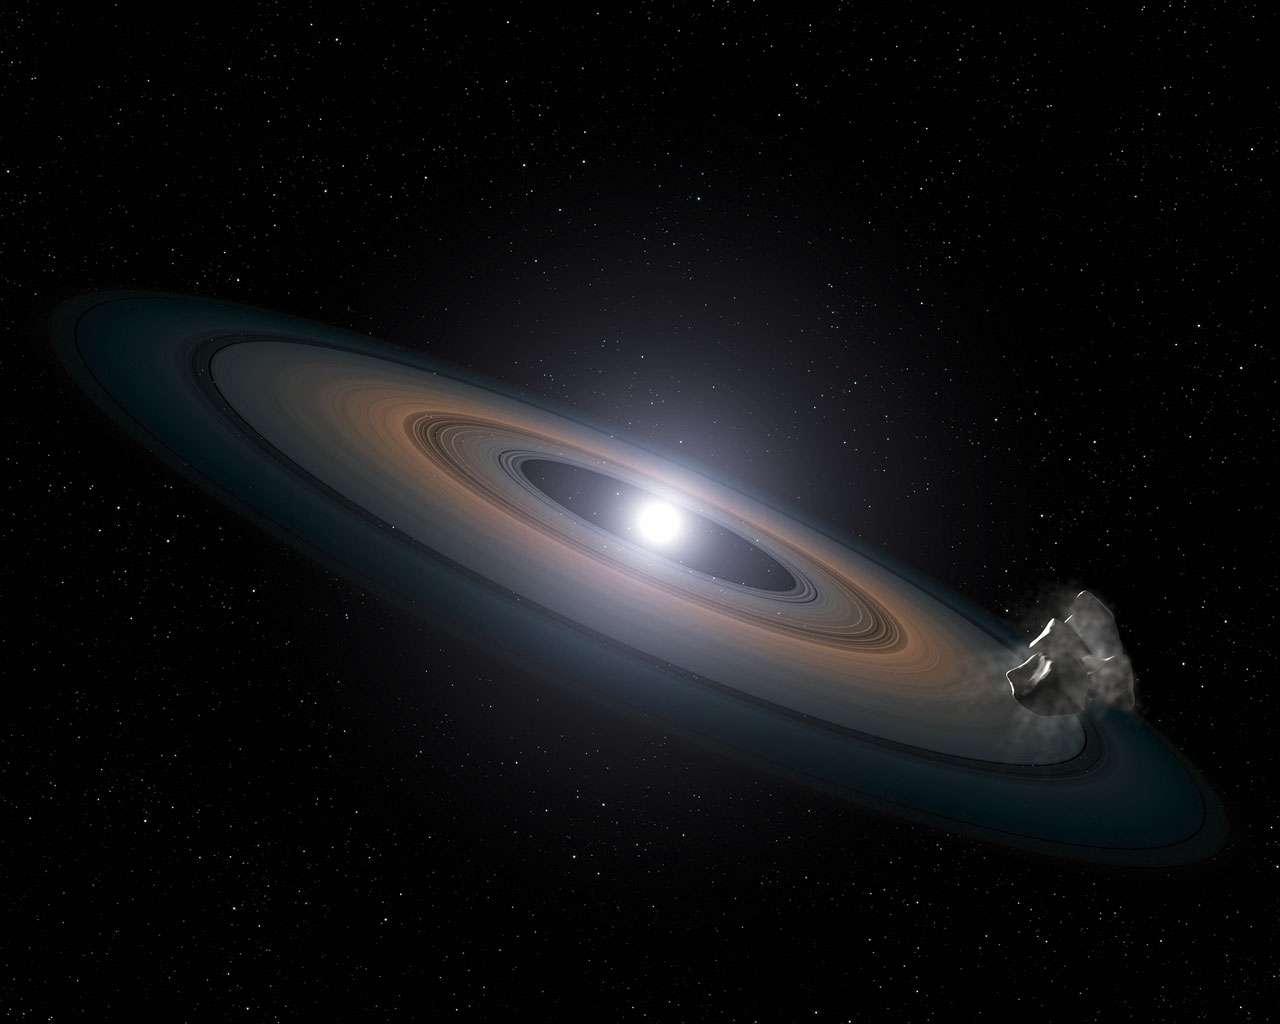 Une vision d'artiste d'un disque de débris autour d'une naine blanche. Des poussières et des petits corps célestes seraient responsables d'une accrétion de matière sur l'étoile, maintenant dans son atmosphère des éléments lourds comme le fer et le silicium. © Nasa, Esa, STScI, G. Bacon (STScI)